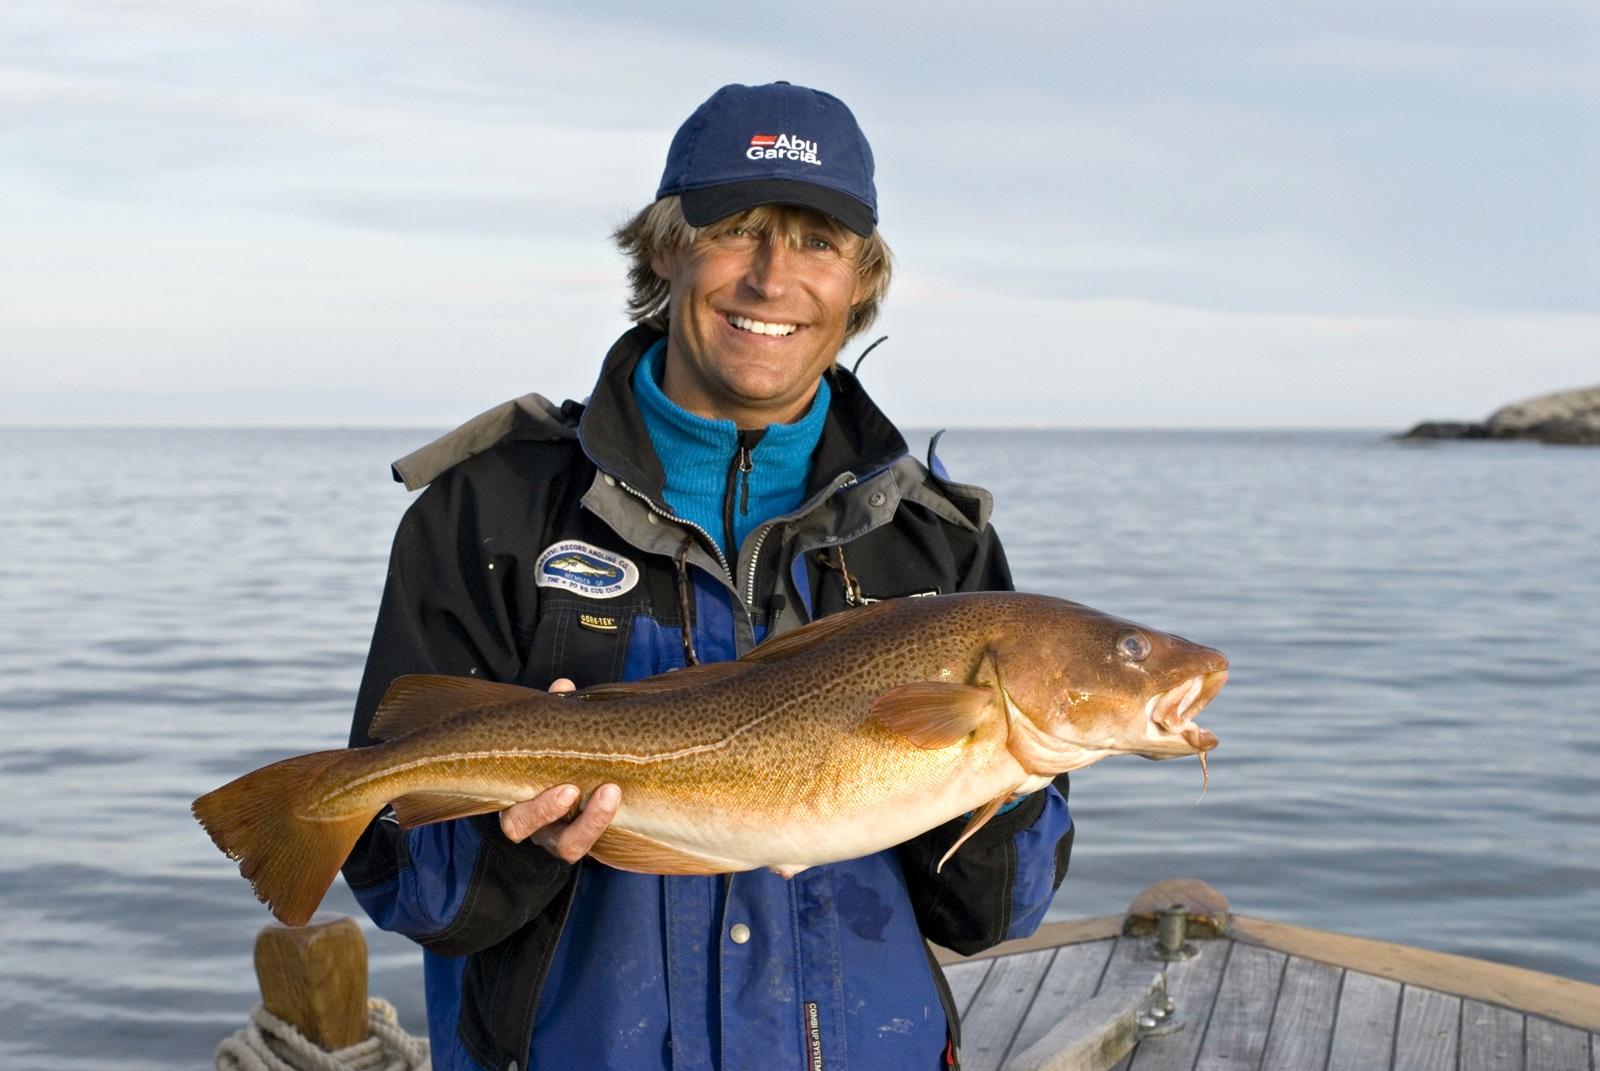 Må vi slutte å fiske torsk?